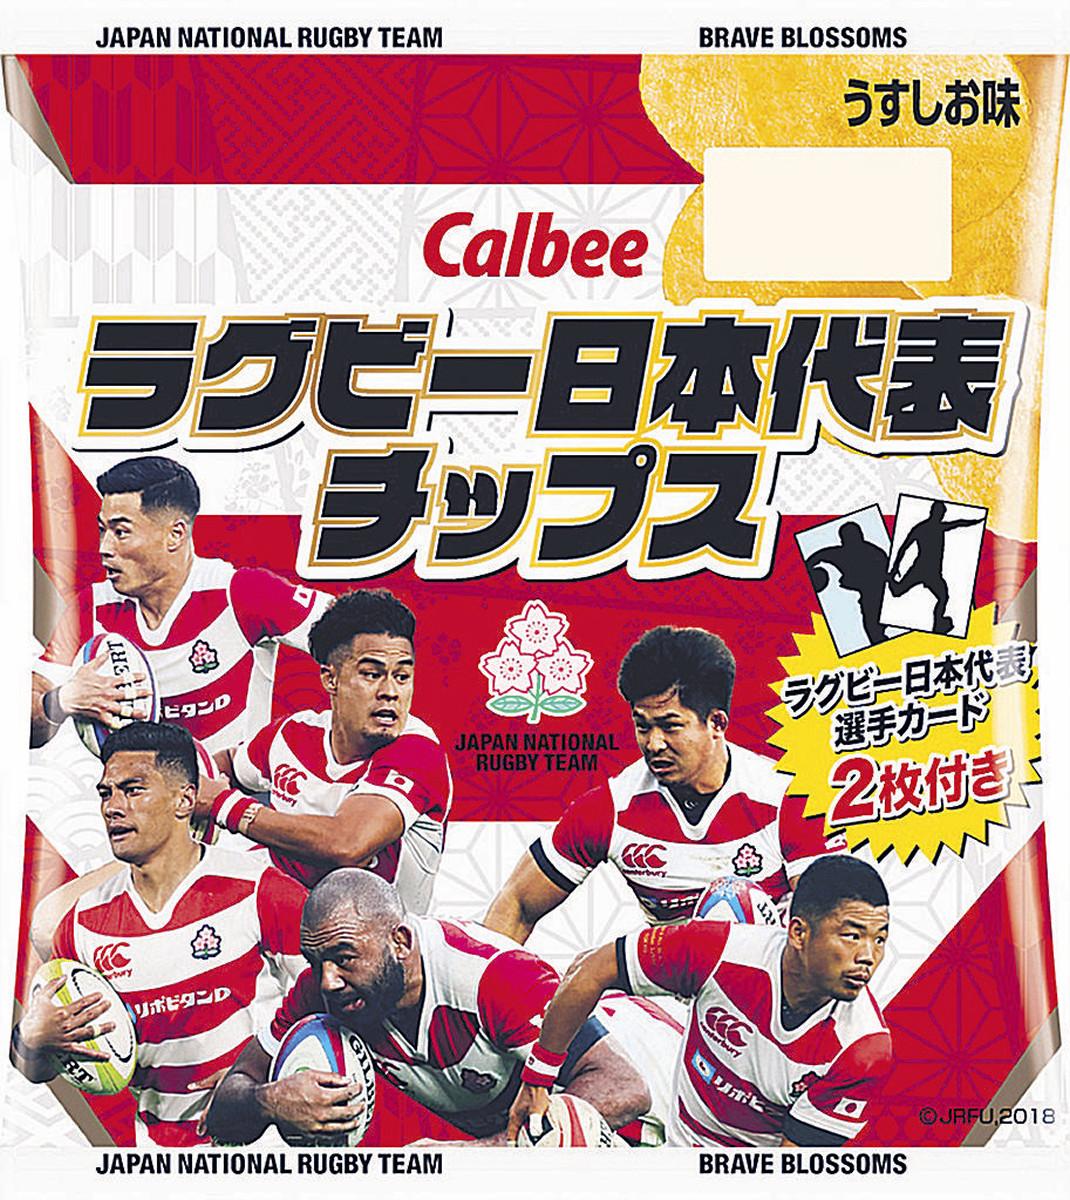 日本代表の活躍で品切れ状態となっている「ラグビー日本代表チップス」のパッケージとカード(C)JRFU